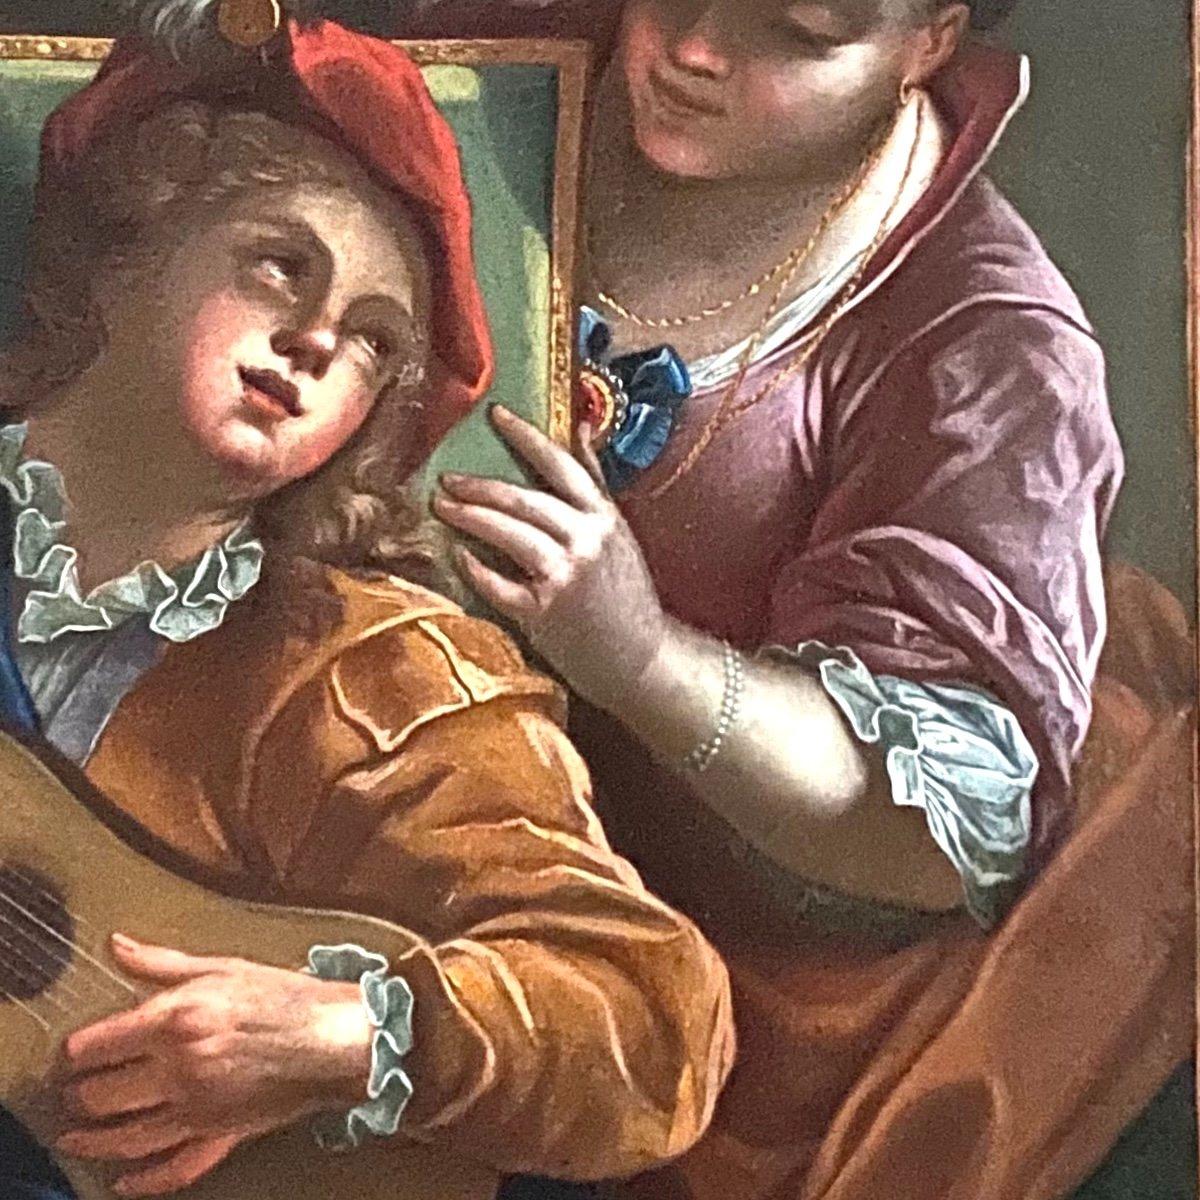 Le duo ou la  leçon dangereuse, d'ap. Raoux, époque Régence XVIIIè. -photo-1